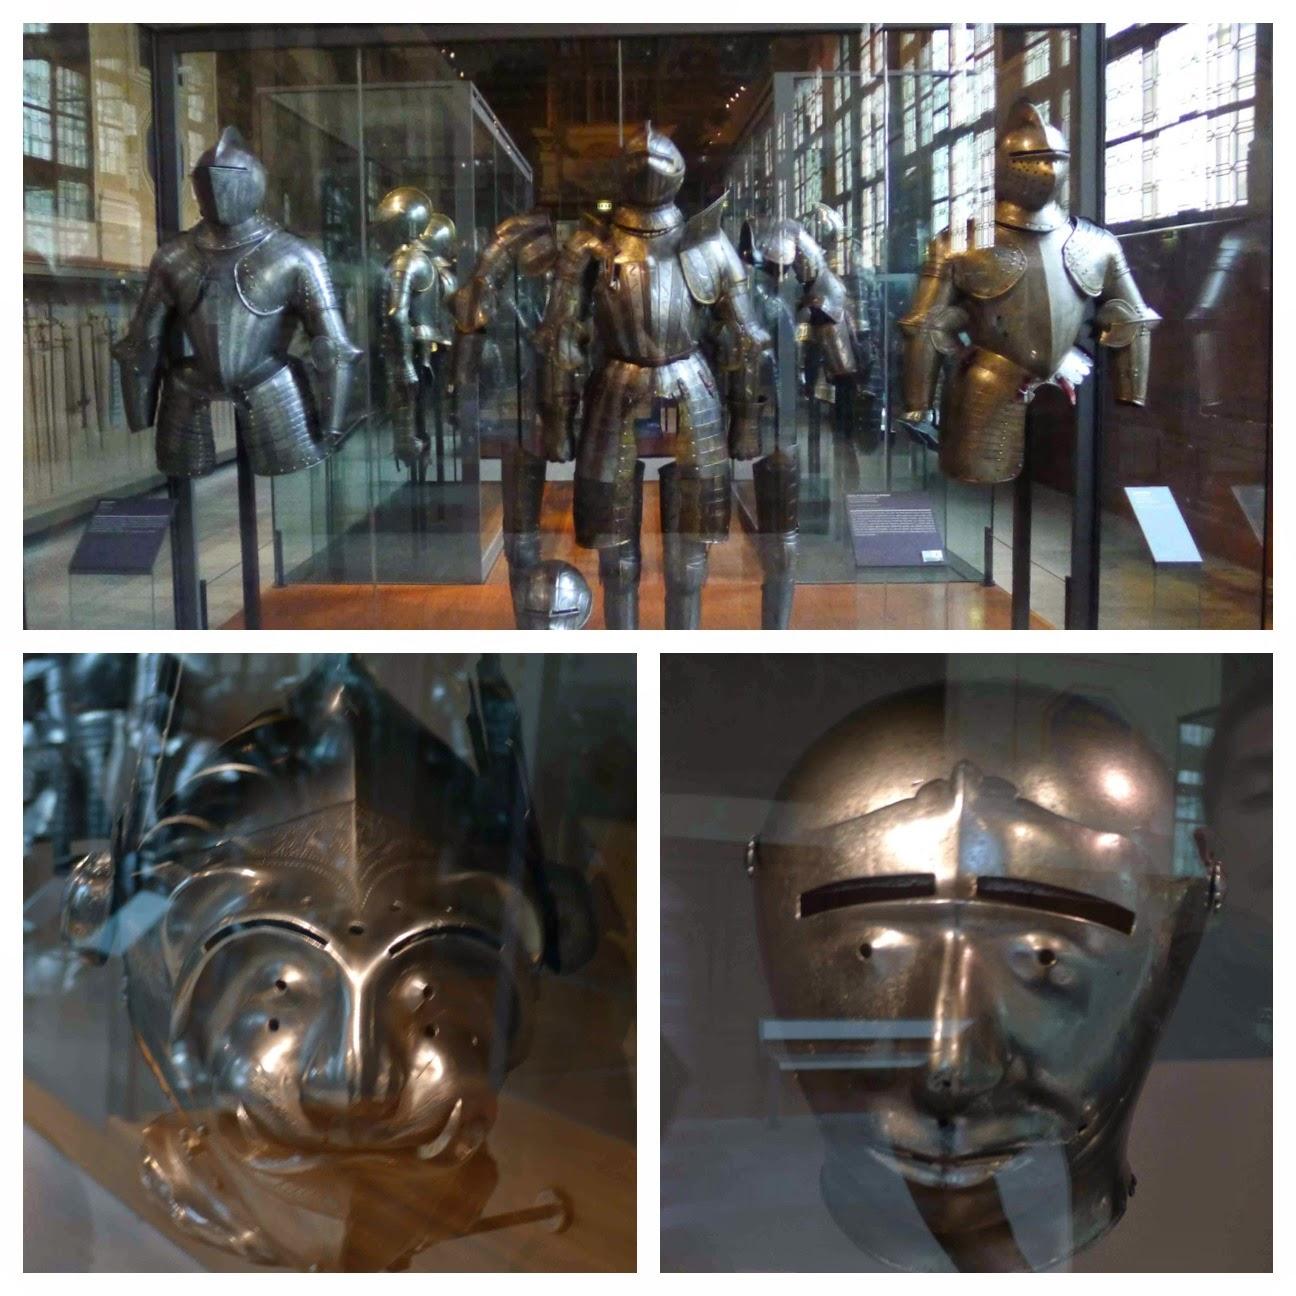 Musee de I'Armee